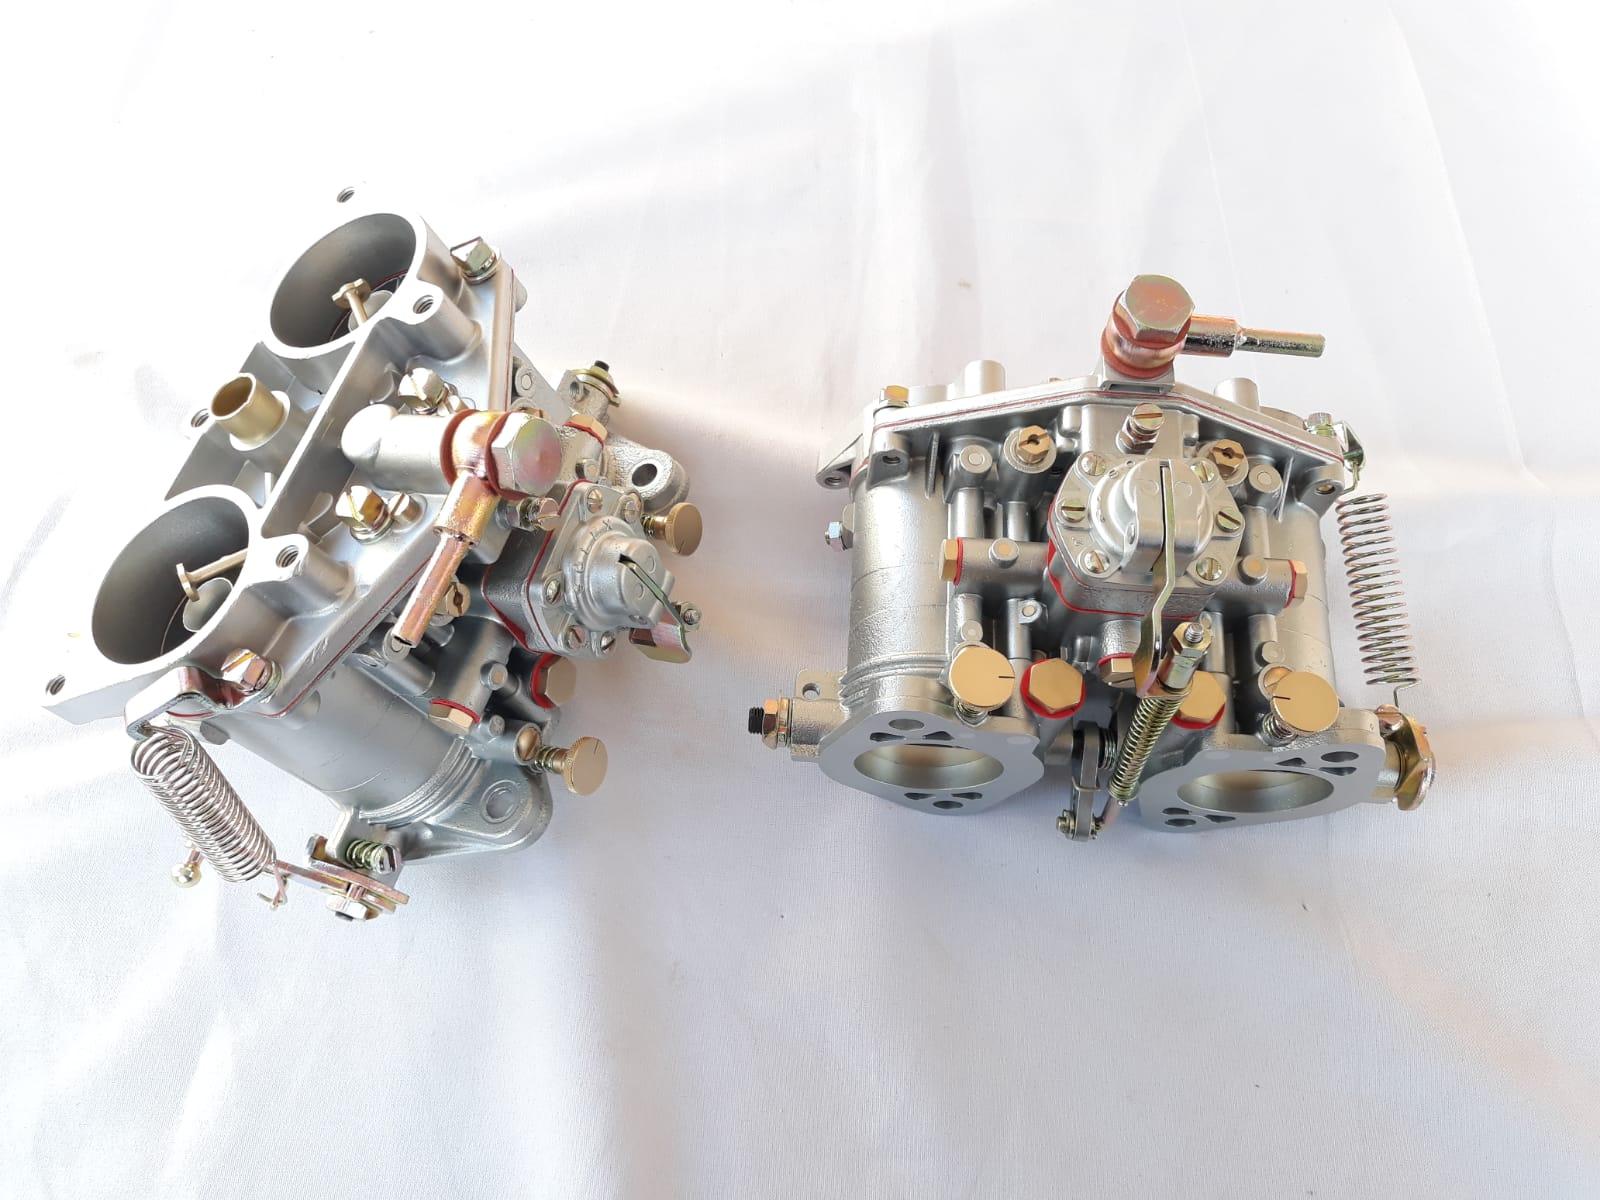 New Mercury Mercruiser Quicksilver Oem Part # 336-3981 Insulator